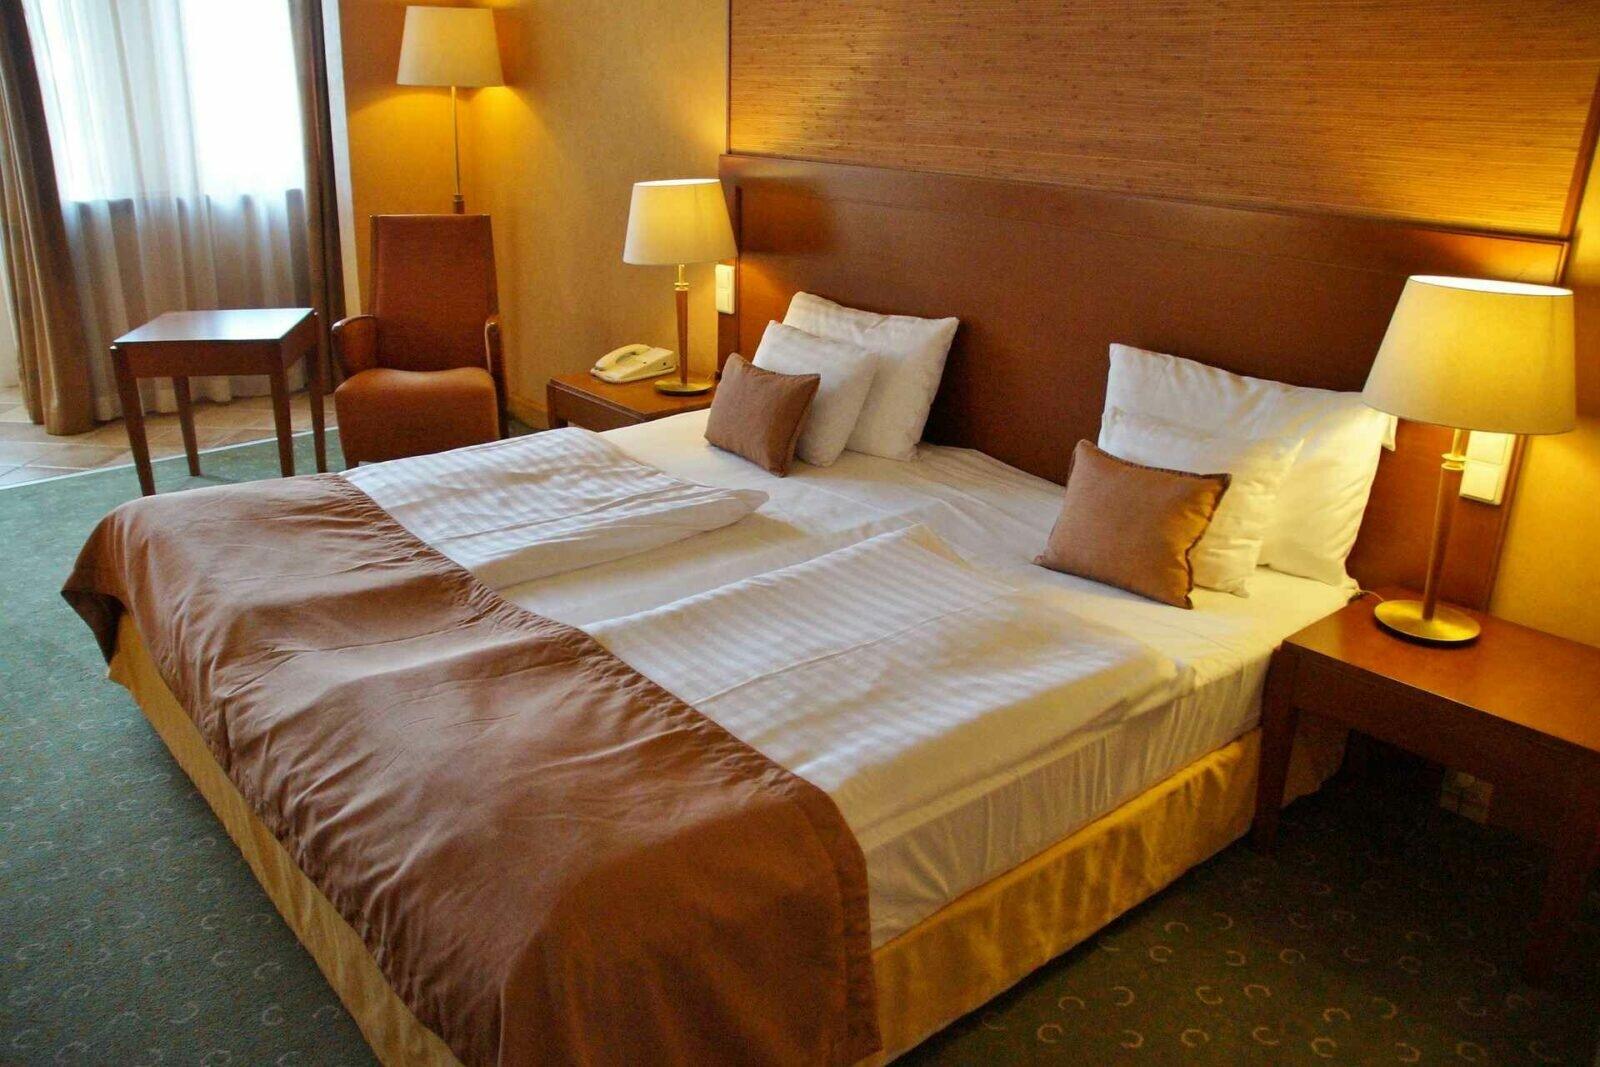 Отели Москвы эконом класса и цены на гостиницы 2019